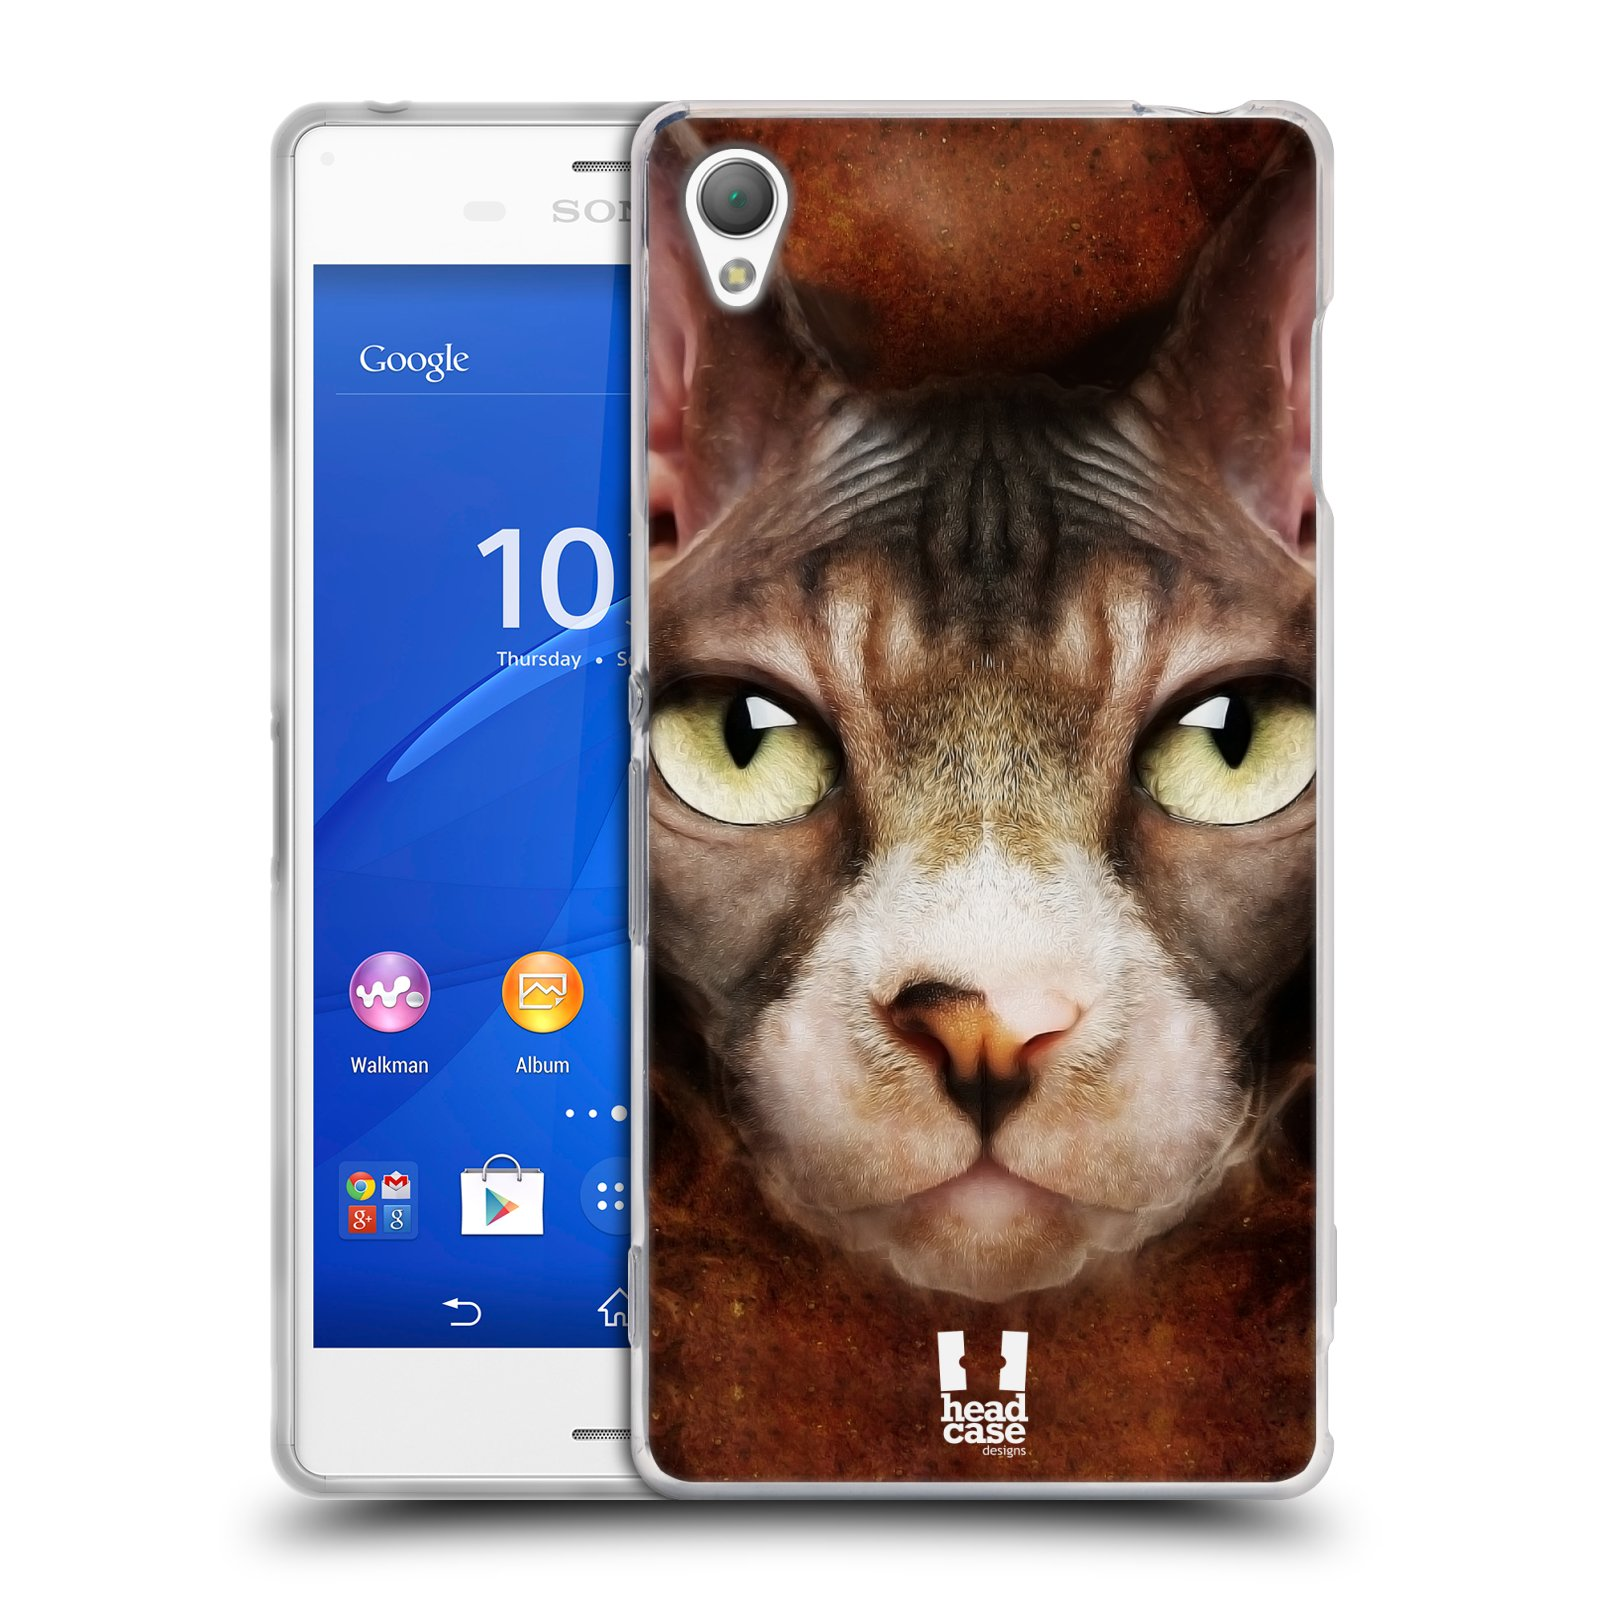 HEAD CASE silikonový obal na mobil Sony Xperia Z3 vzor Zvířecí tváře kočka sphynx